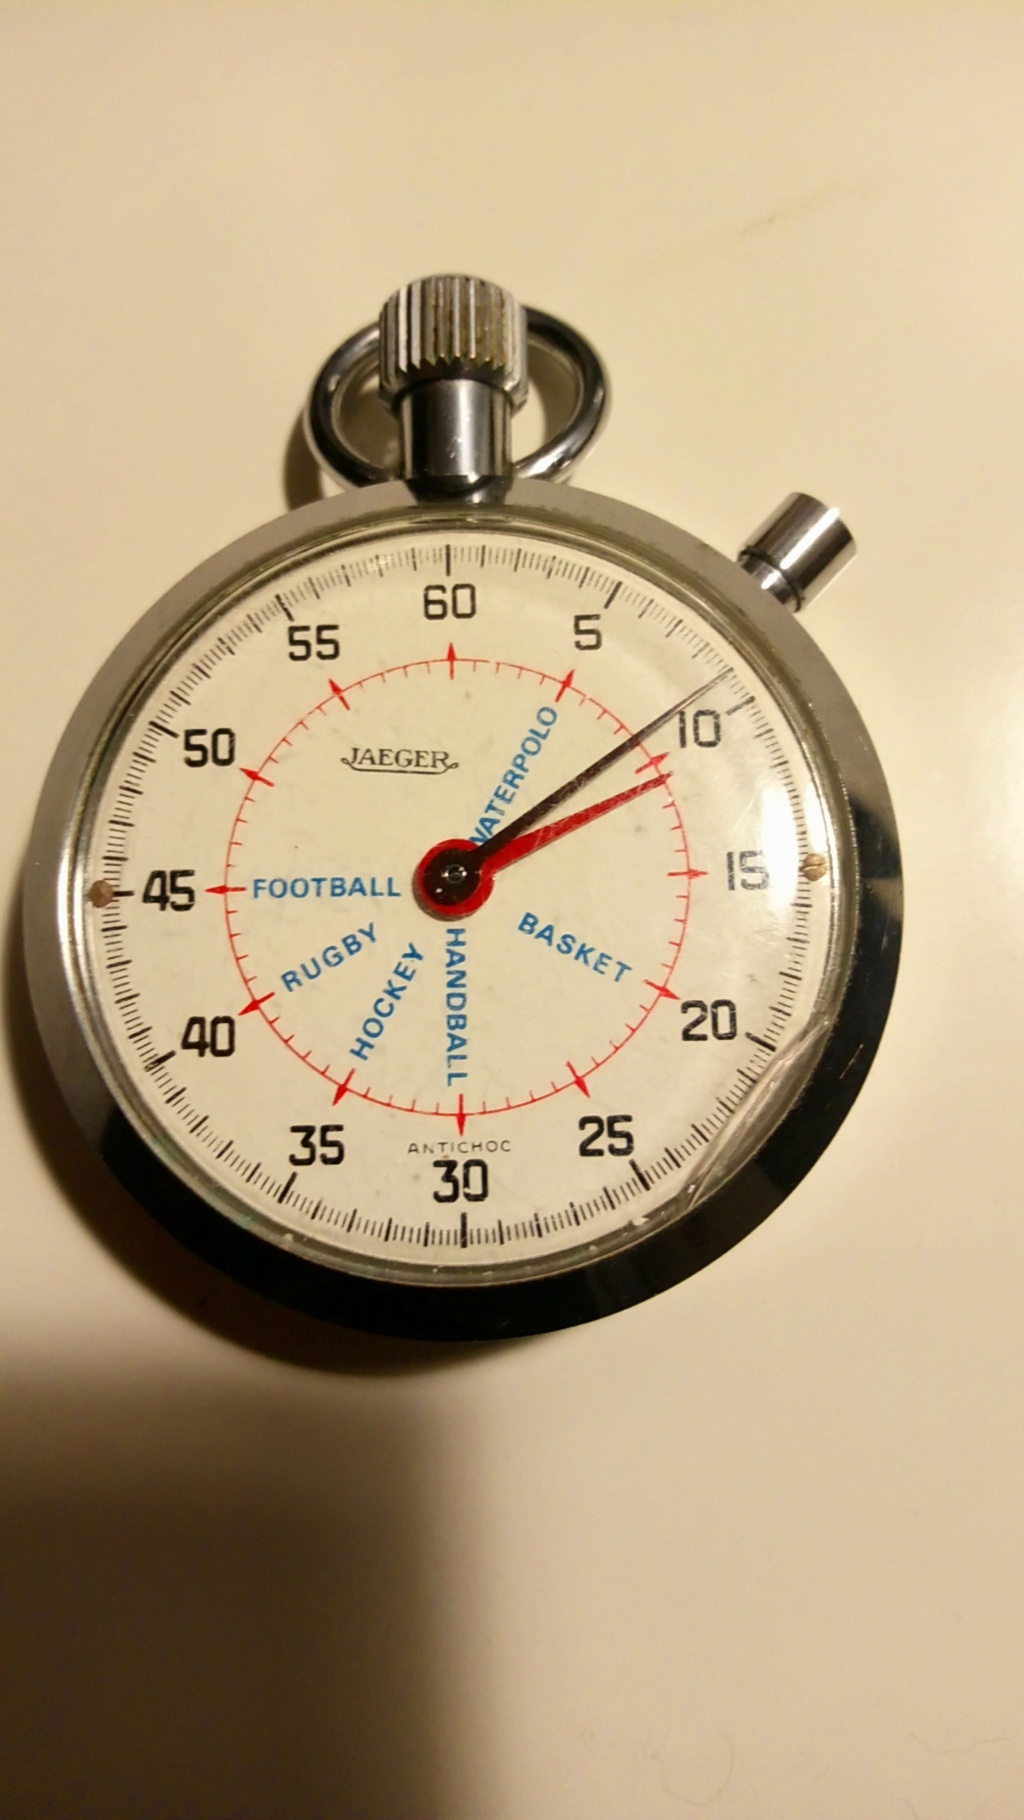 Jaeger - Chronometre arbitre jaeger Chrono11